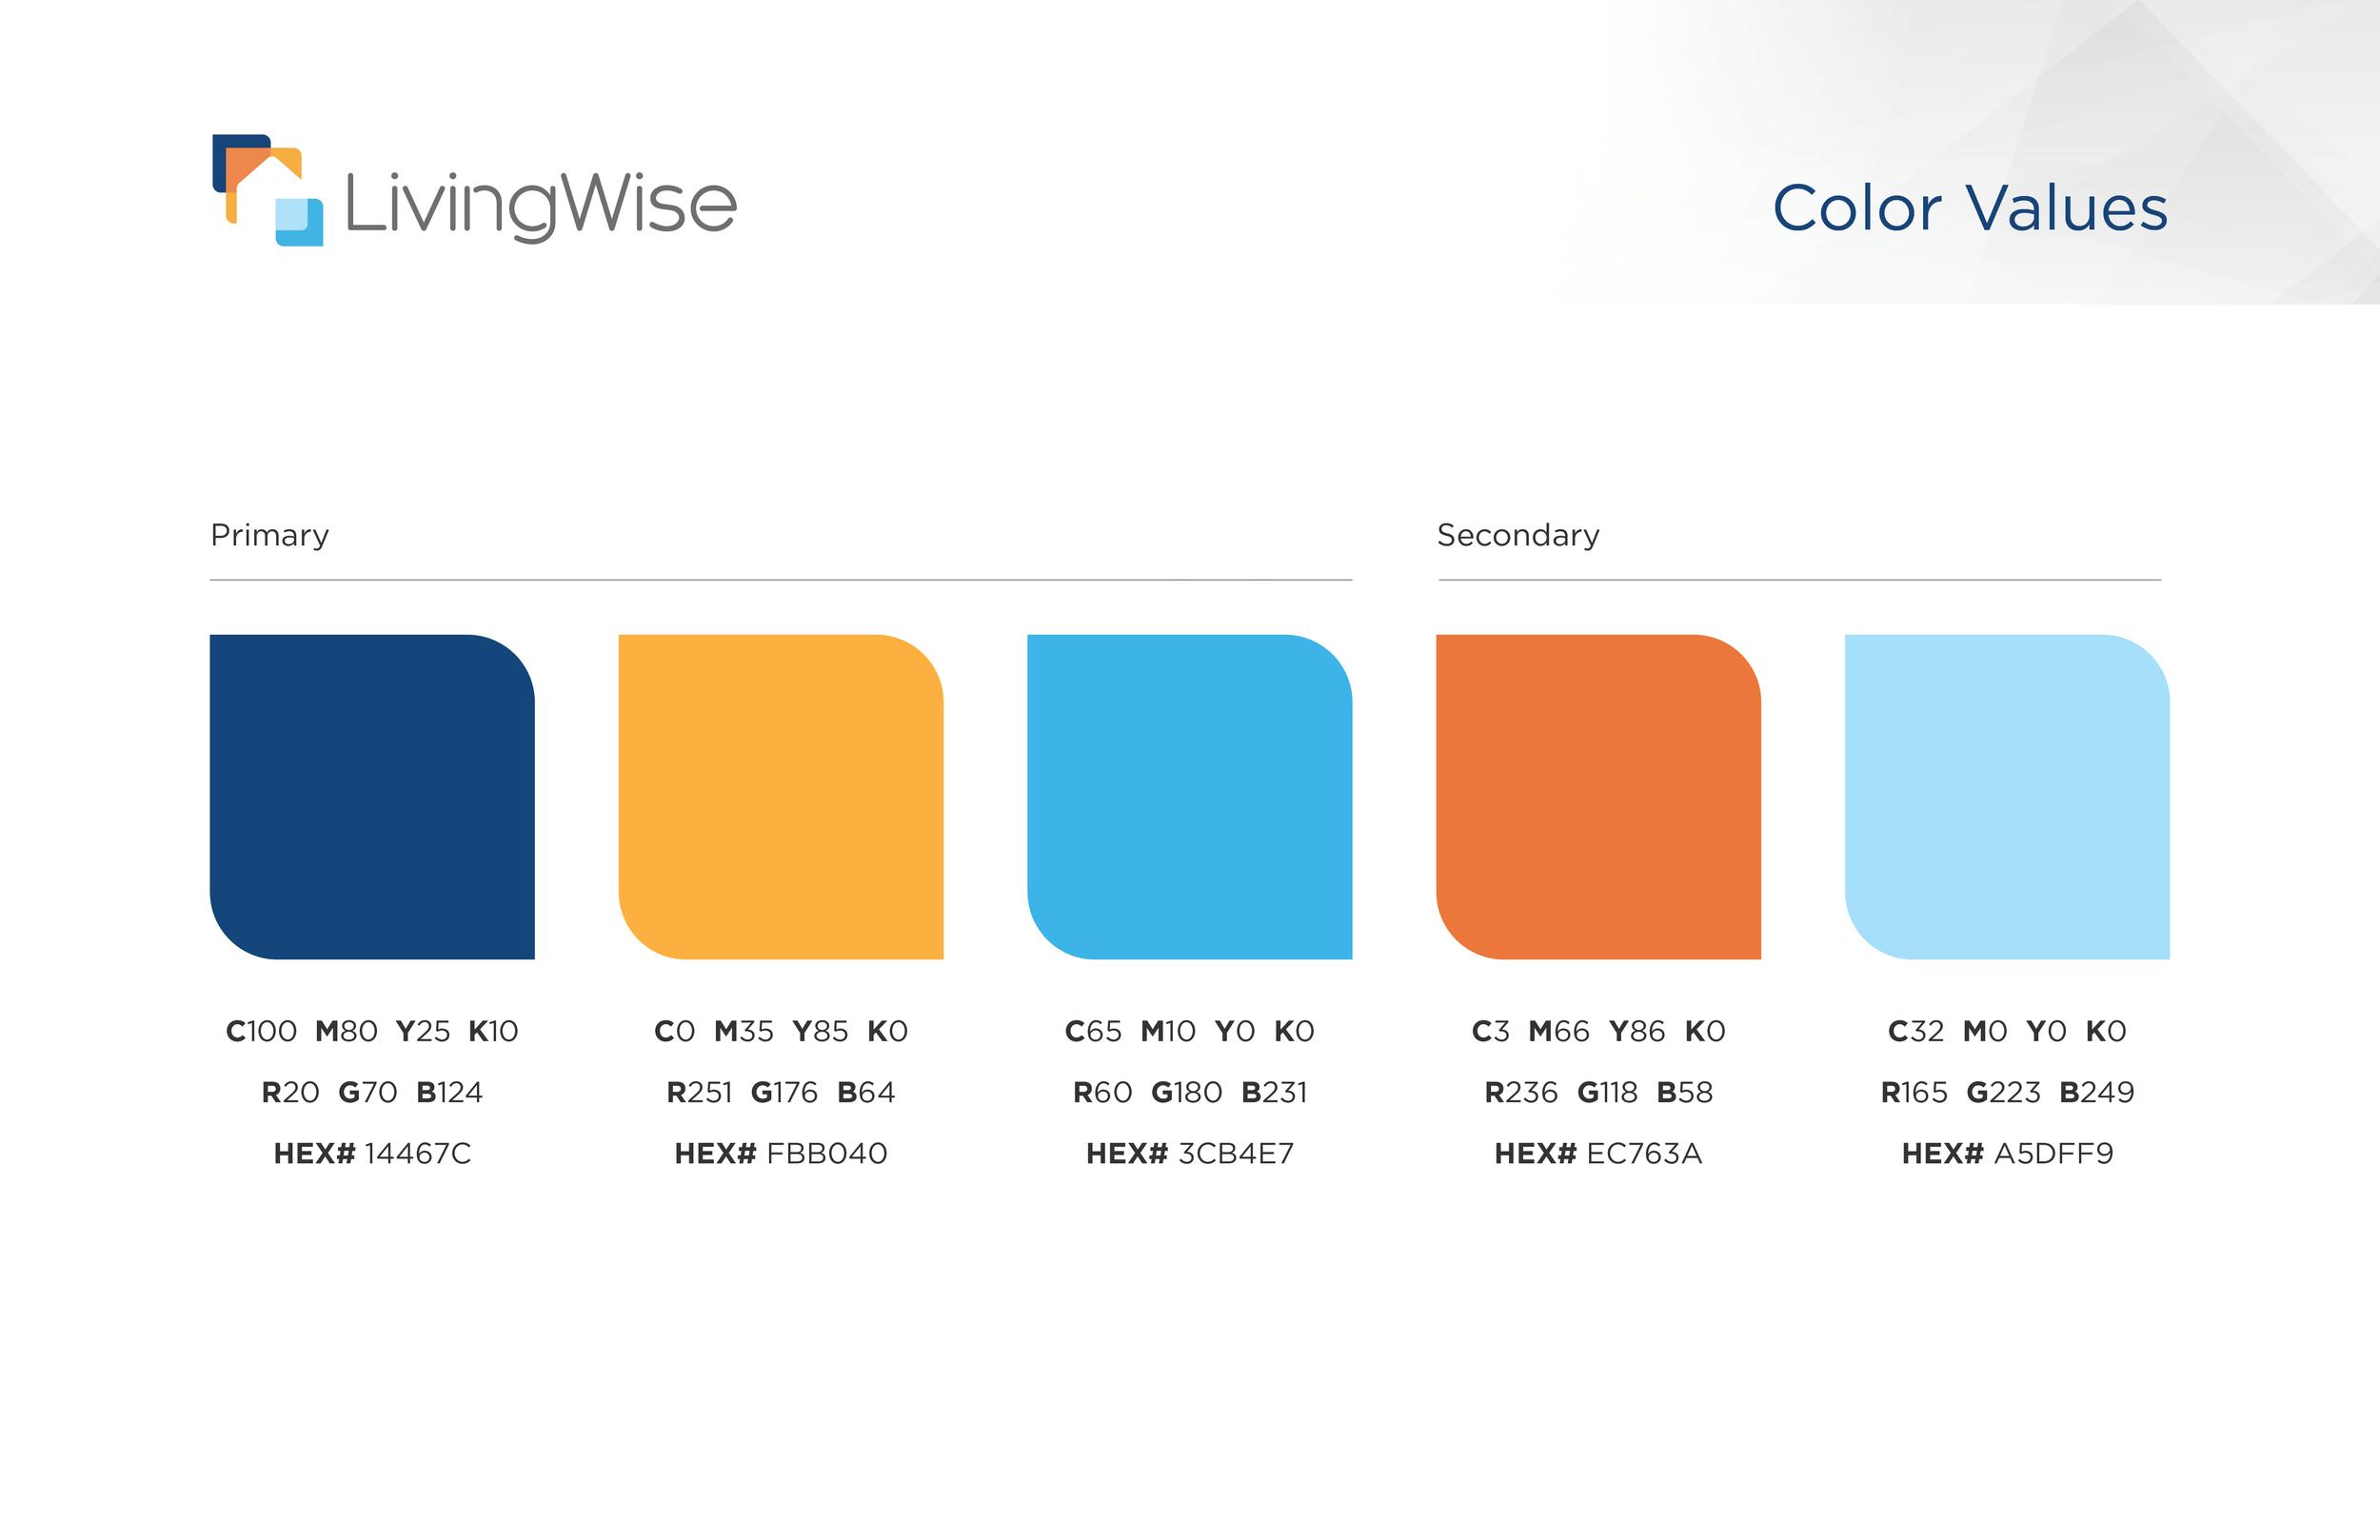 LivingWise color scheme